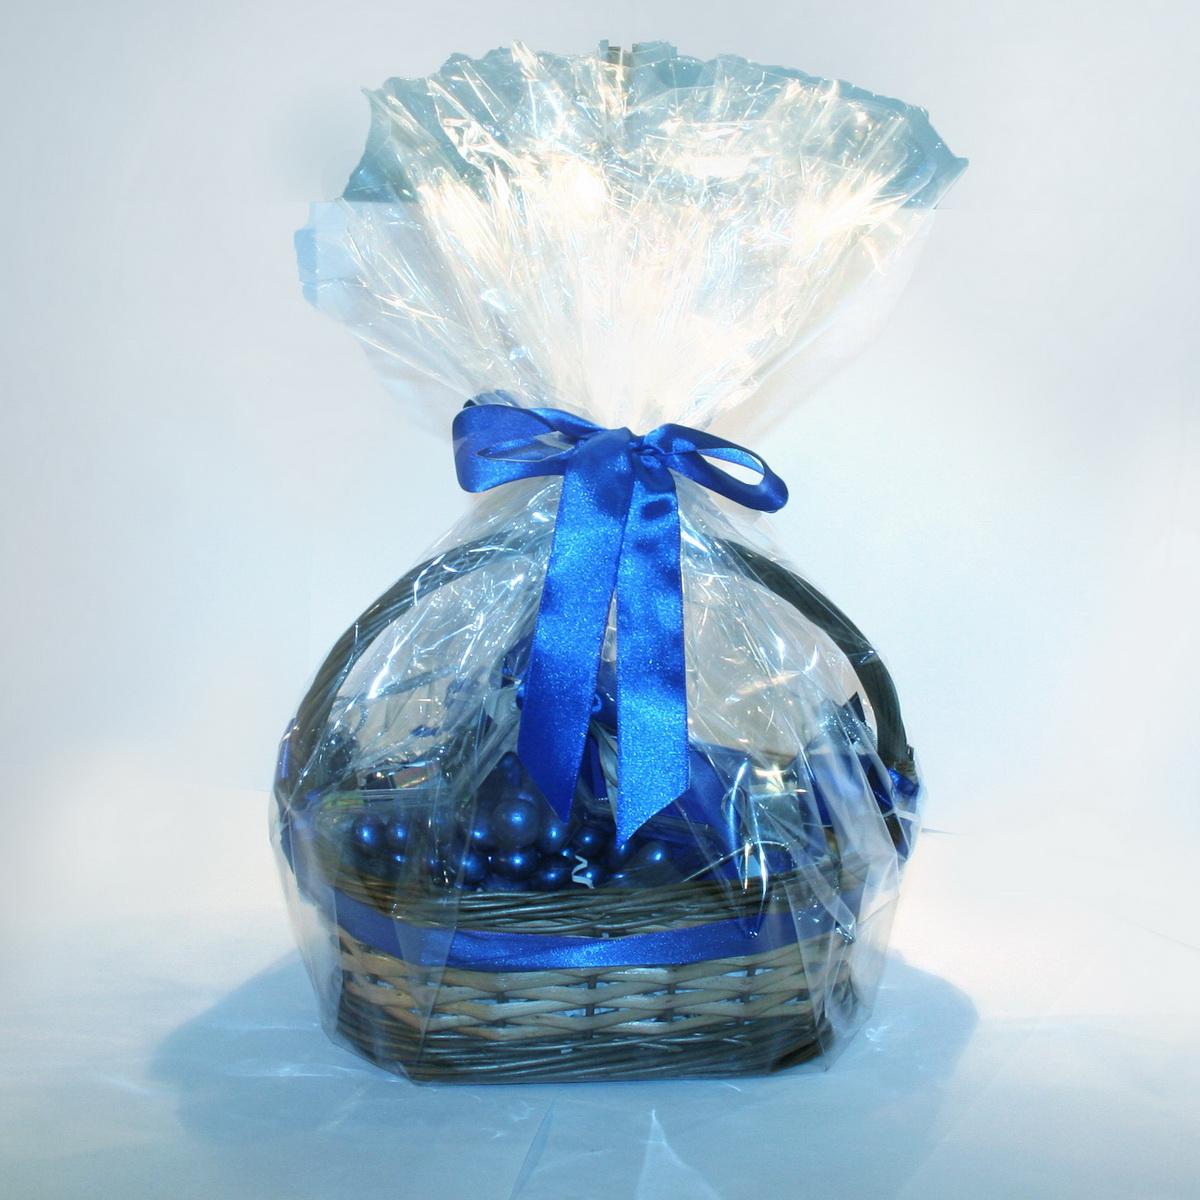 Продуктовая подарочная корзина - прекрасный корпоративный подарок коллегам, клиентам и партнерам